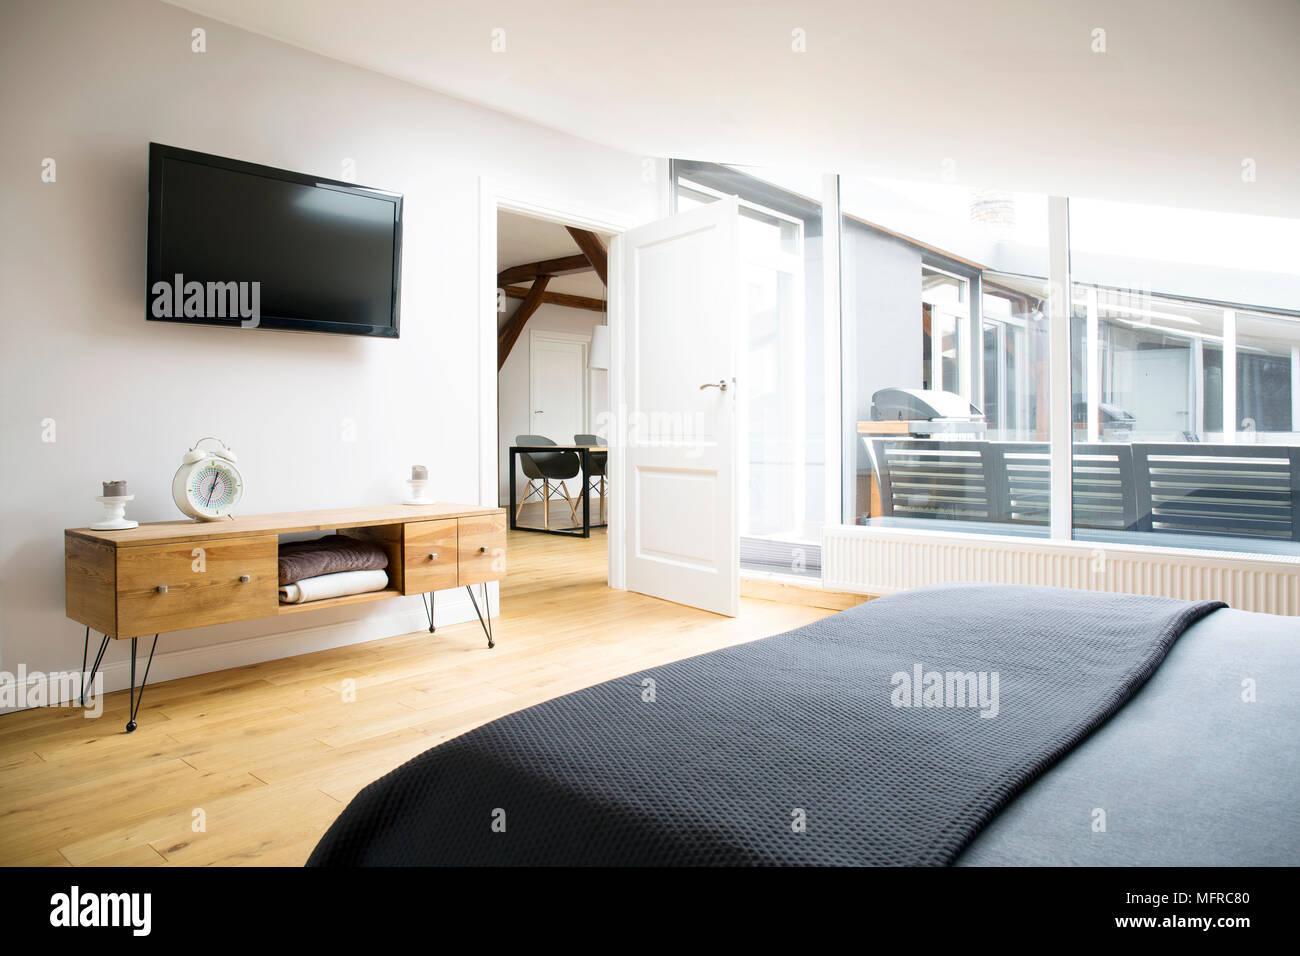 https www alamyimages fr vue laterale de l interieur chambre a coucher avec tv armoire en bois et grande fenetre dans l appartement image181838048 html